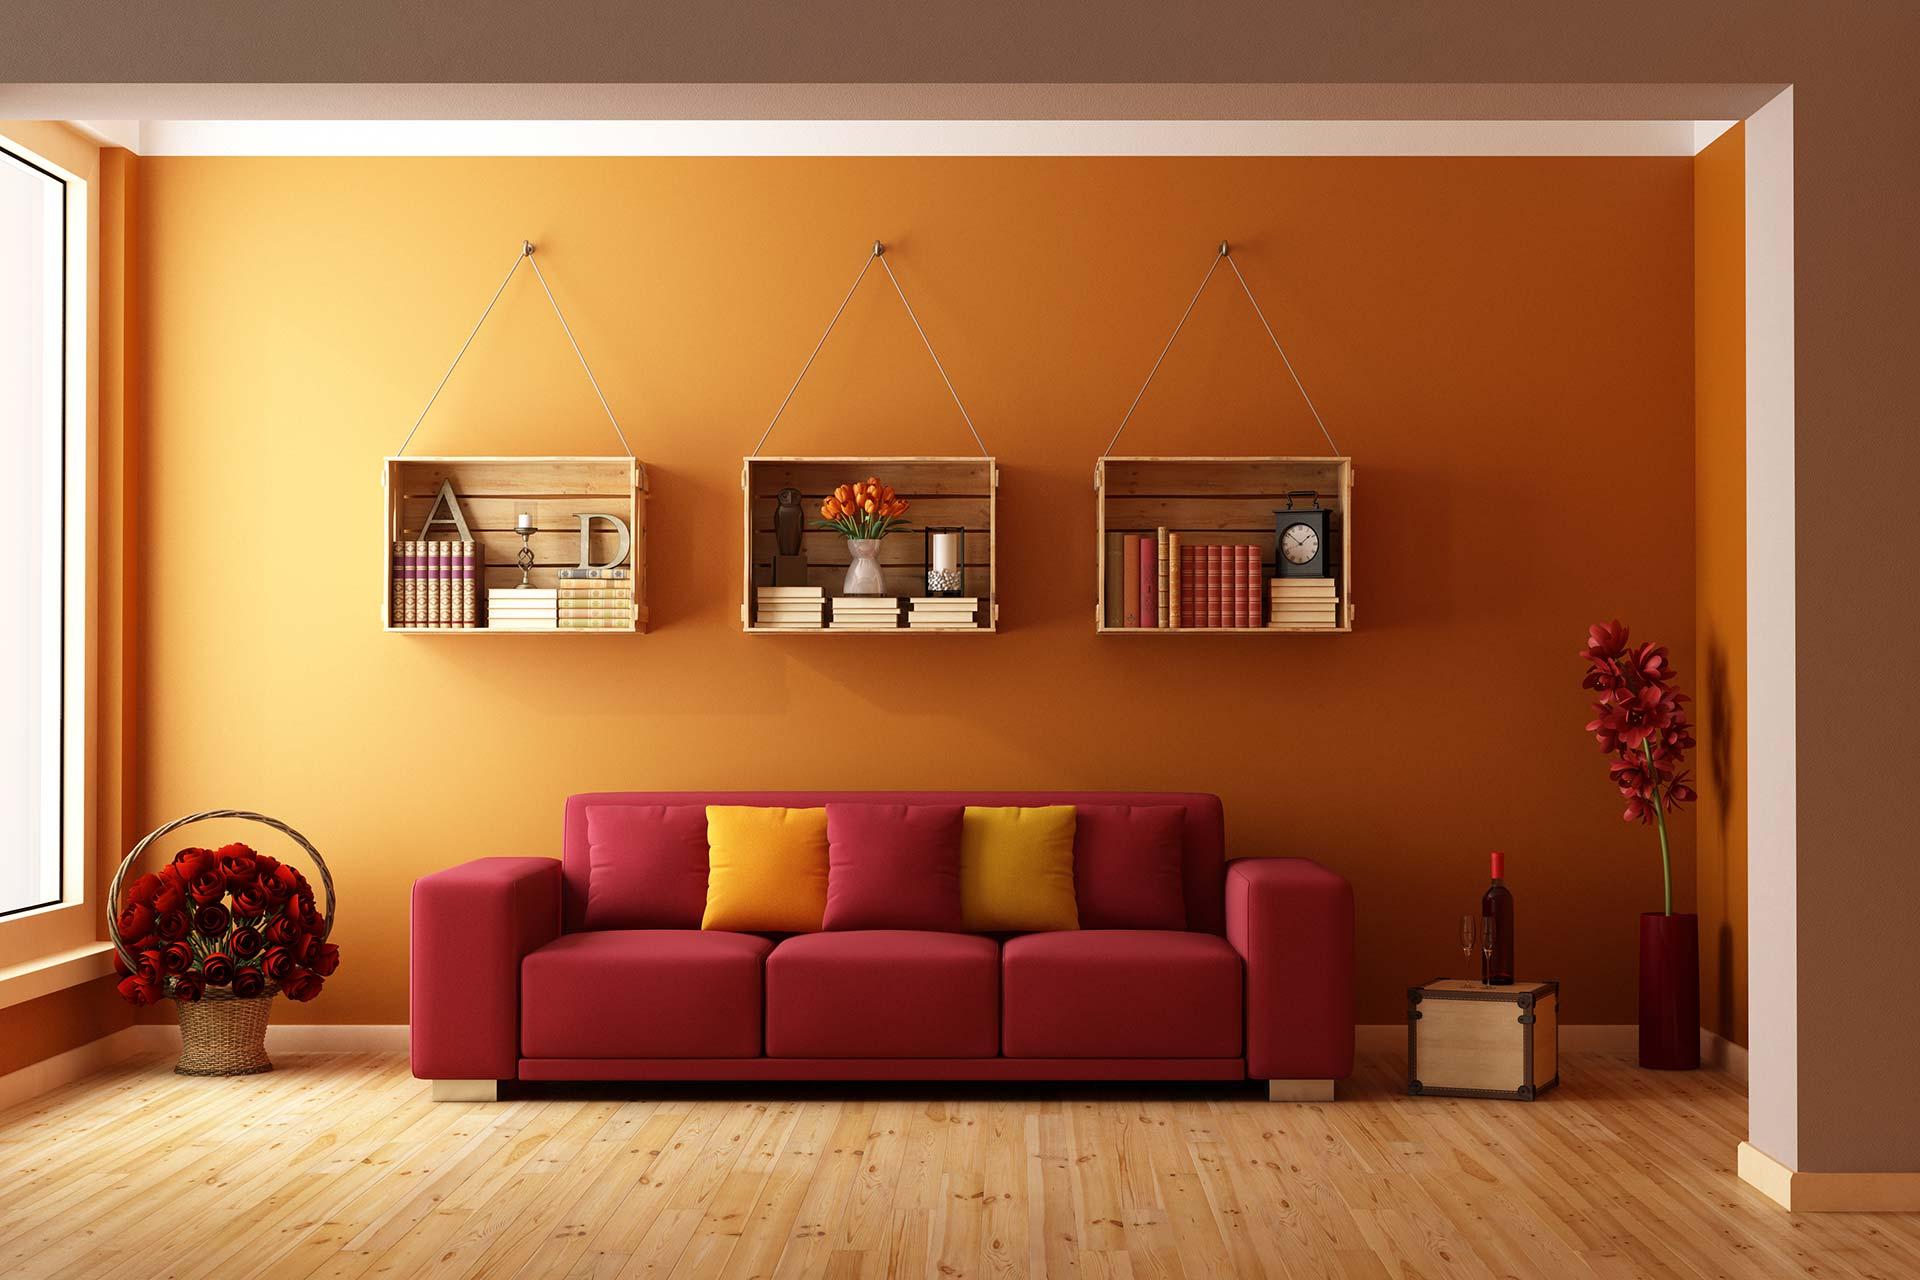 Malerarbeiten und Lackierarbeiten - orange gestrichenes Wohnzimmer mit rotem Sofa